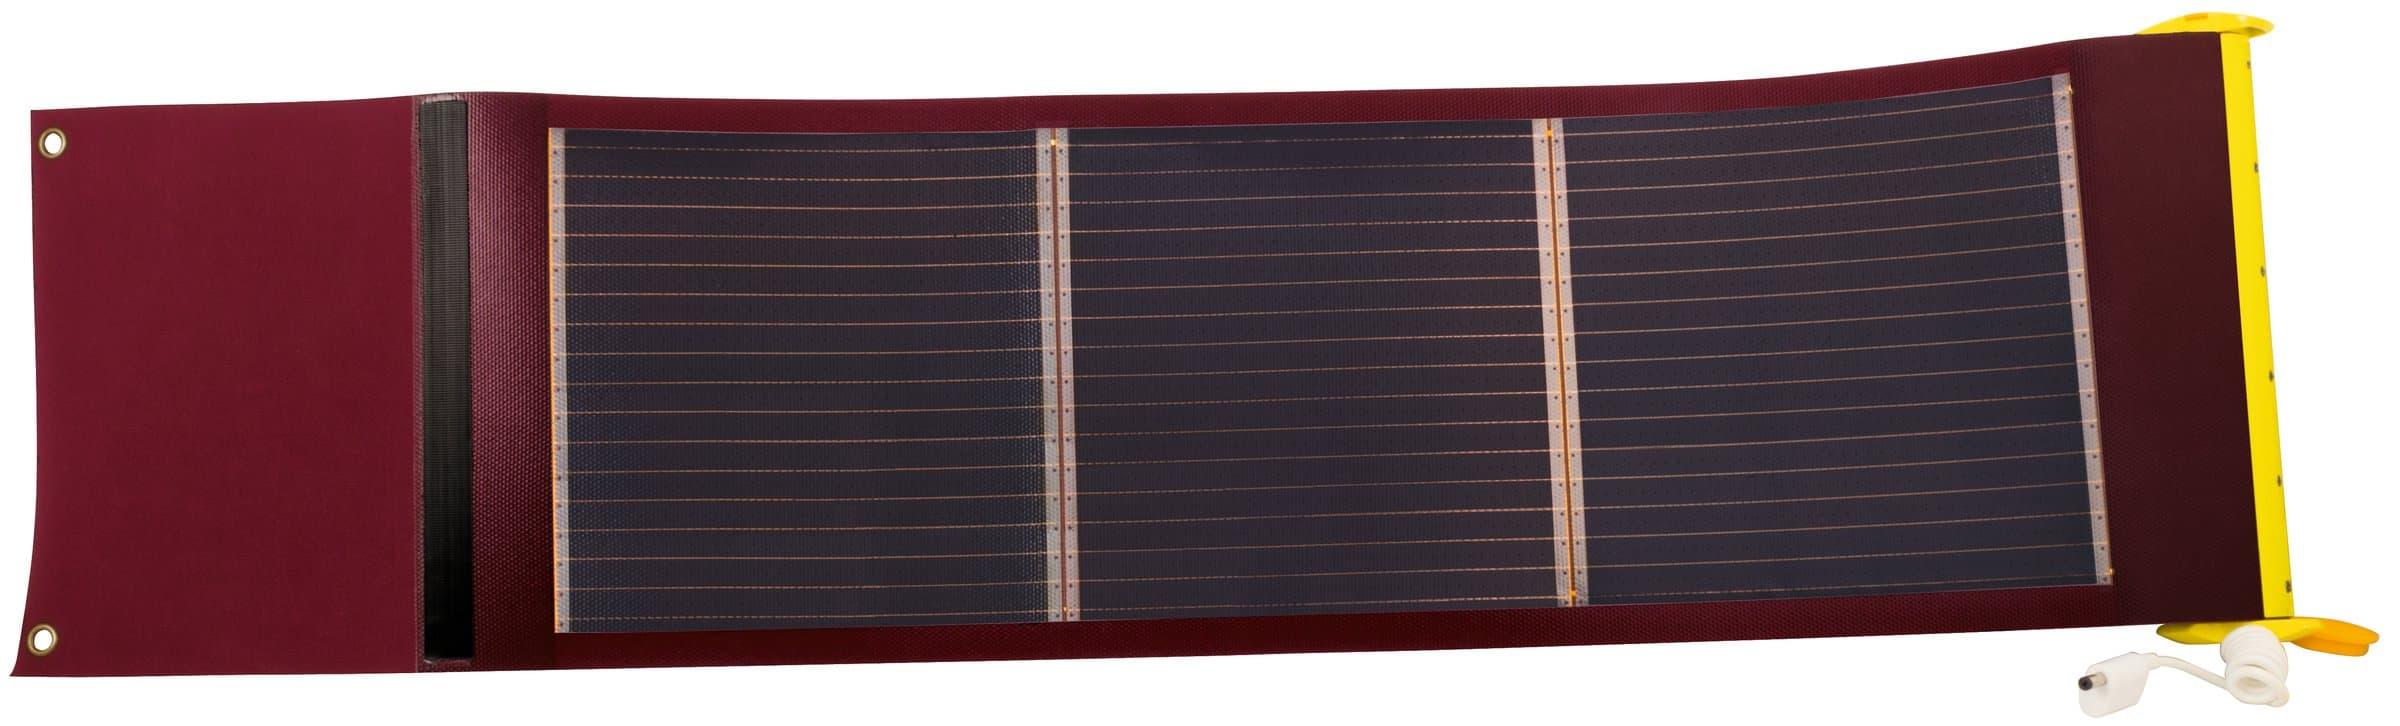 Steffen SunPower panneau solaire enroulable 9W